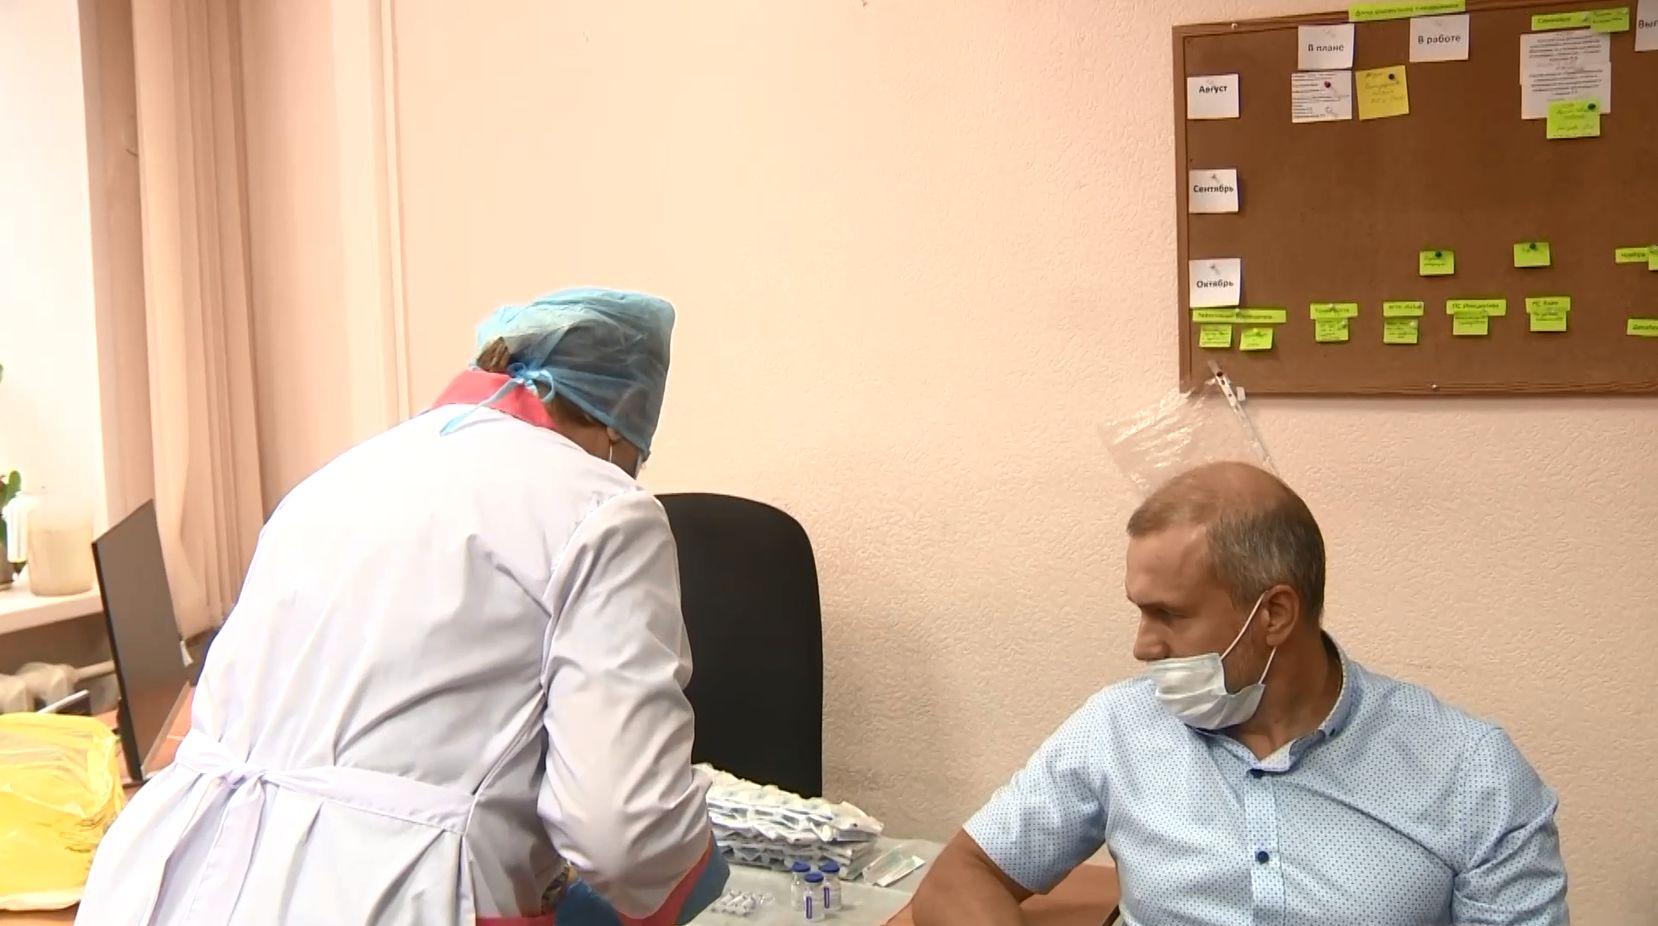 В образовательных учреждениях Ярославля и Рыбинска открылось несколько временных пунктов вакцинации